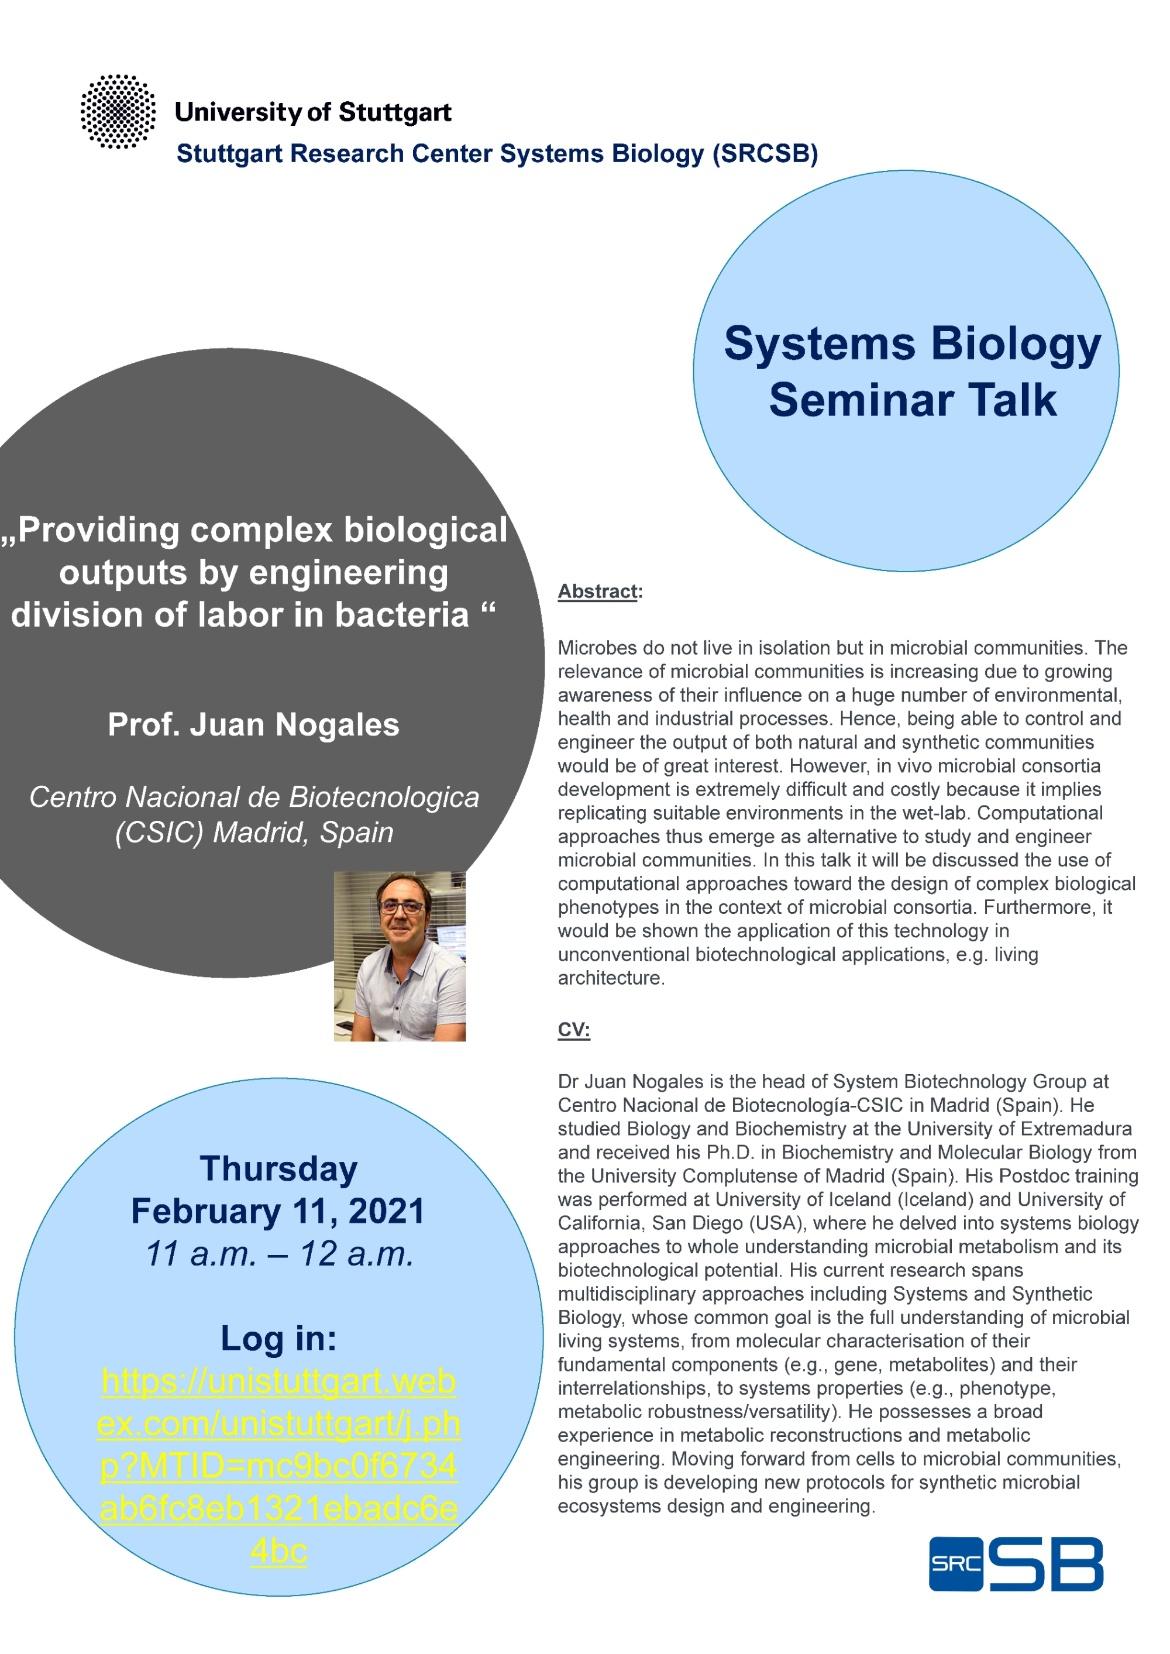 Announcement of the Talk of Prof. Juan Nogales, Centro Nacional de Biotecnologica (CSIC) Madrid, Spain